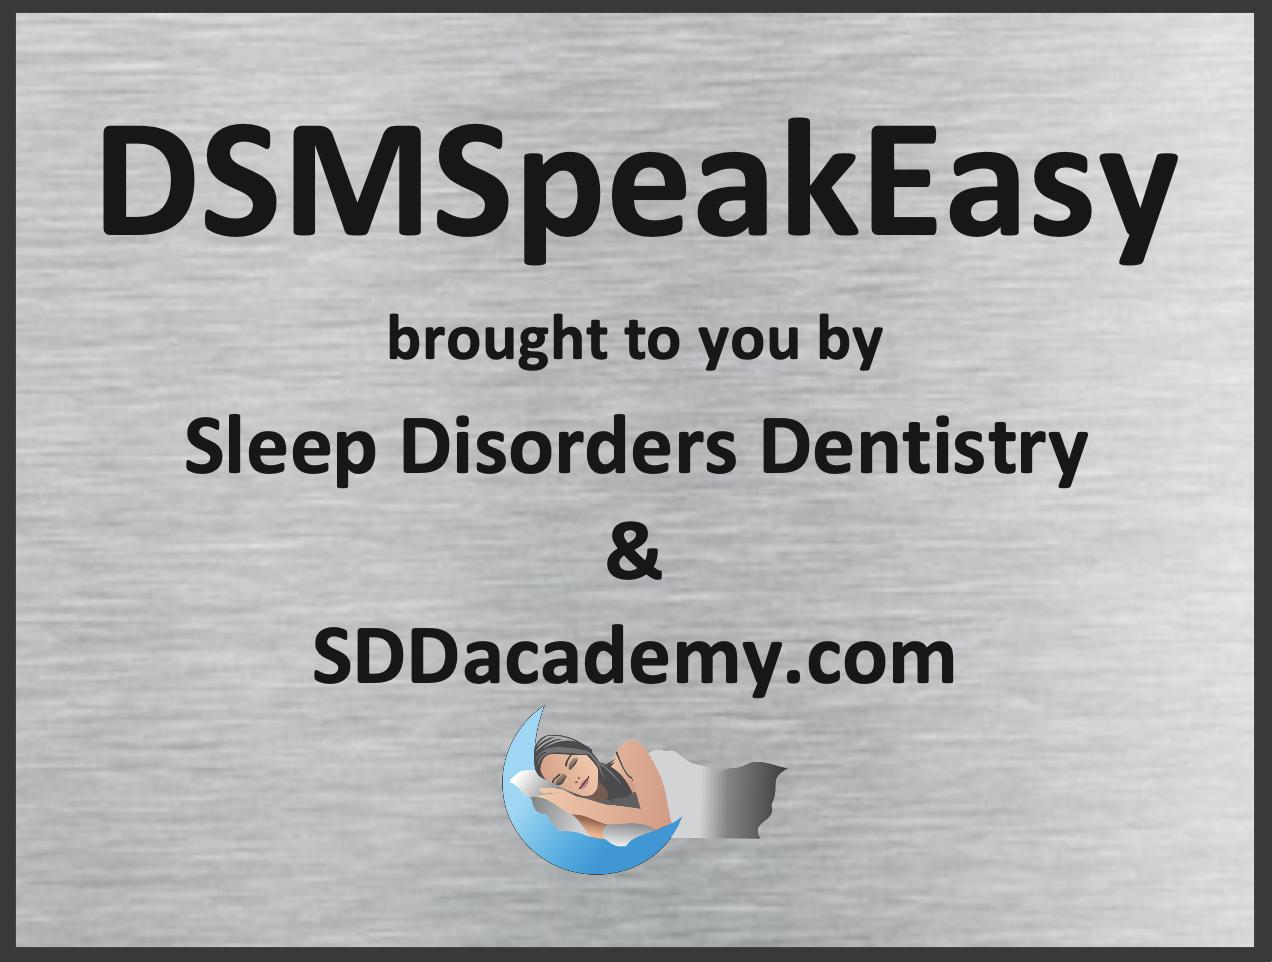 DSMSpeakEasy